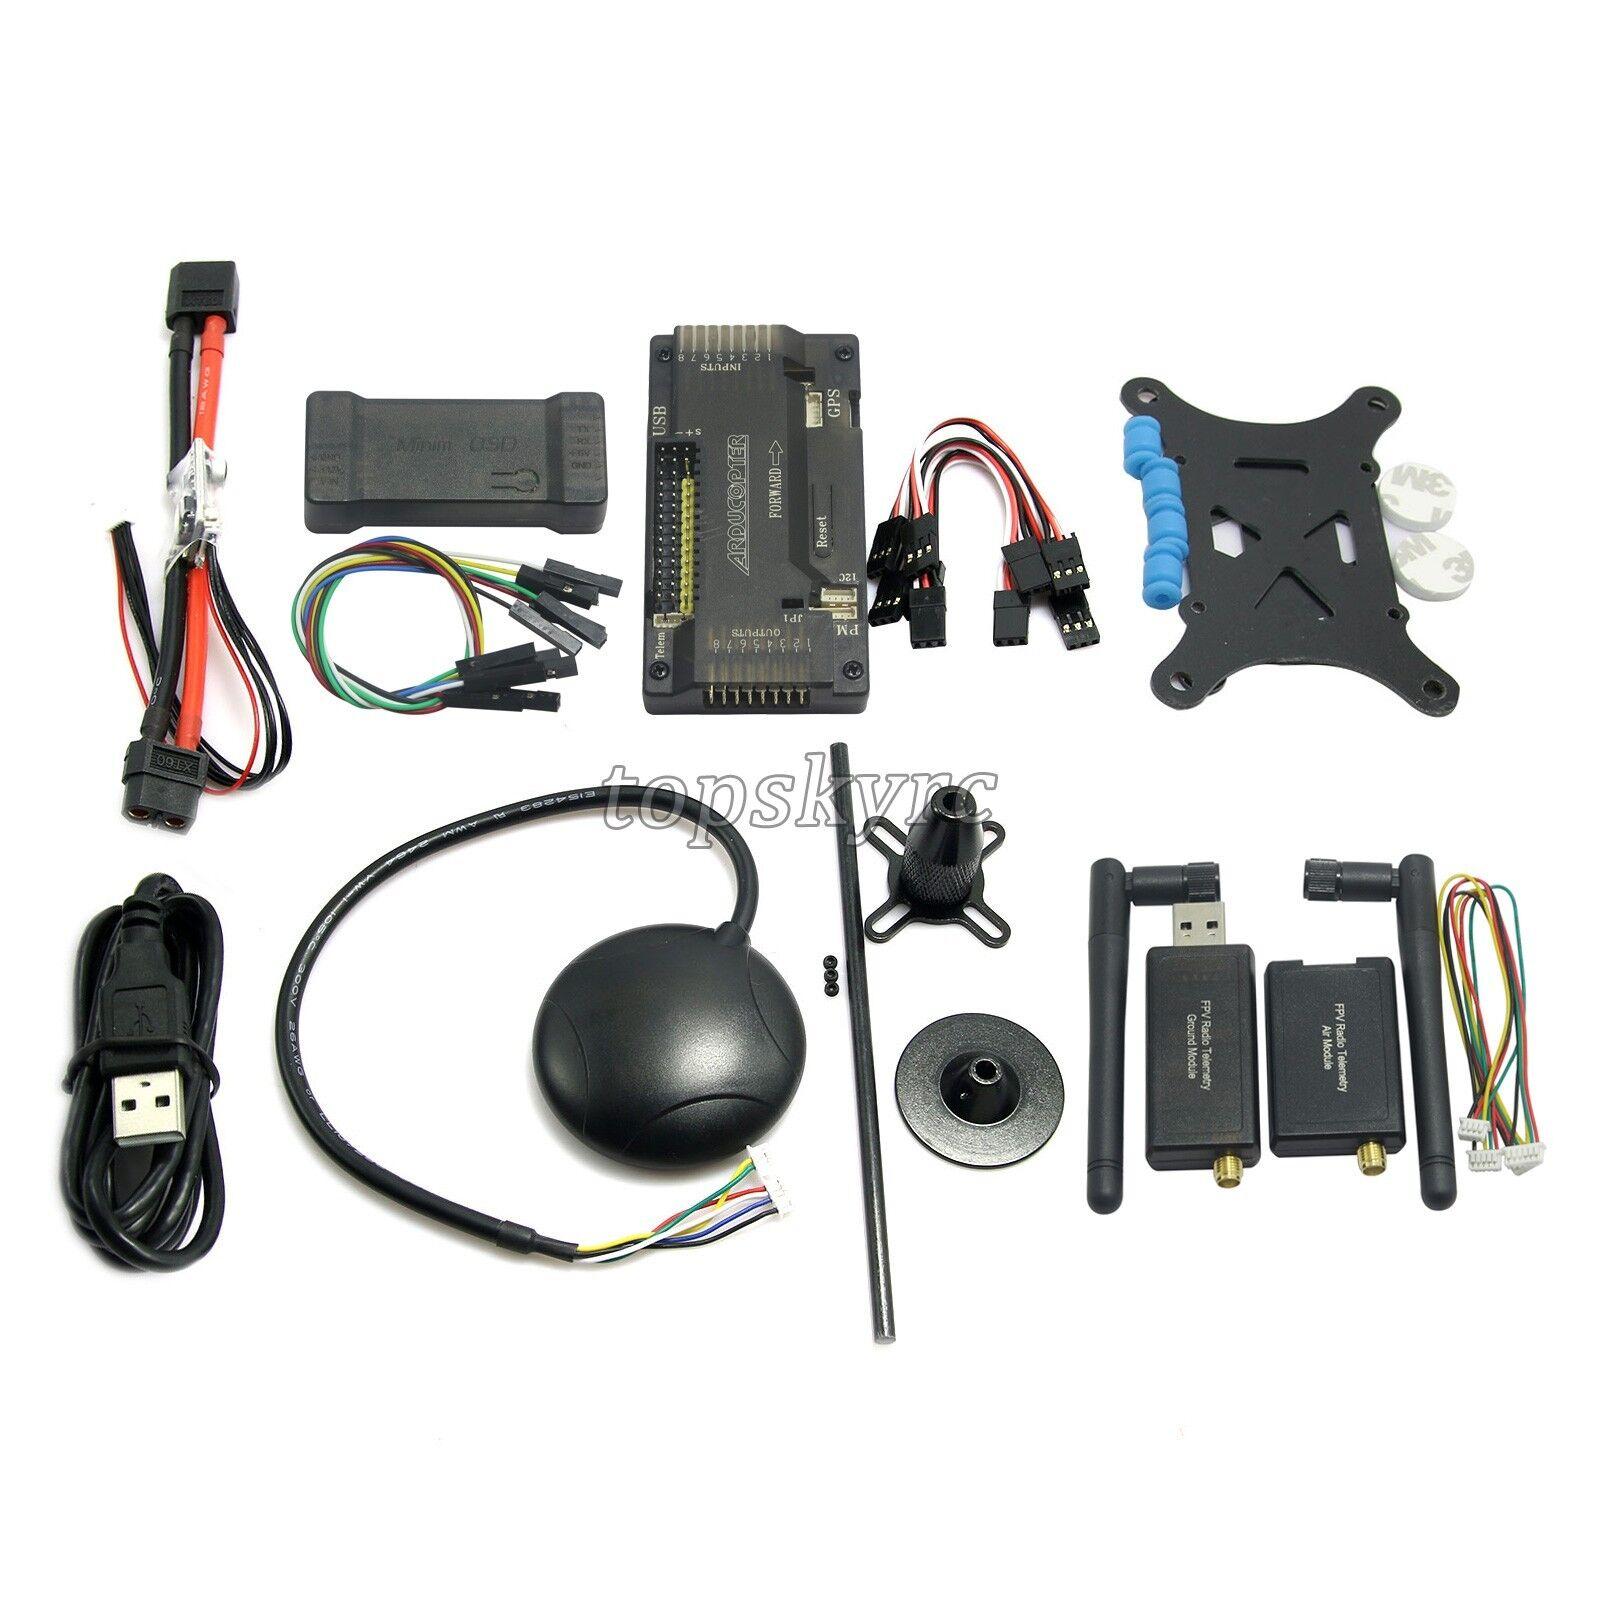 Controlador de vuelo APM2.8 ArduPilot NEO-7M GPS PM 433Mhz 433Mhz 433Mhz Cable de telemetría osd&usb  vendiendo bien en todo el mundo